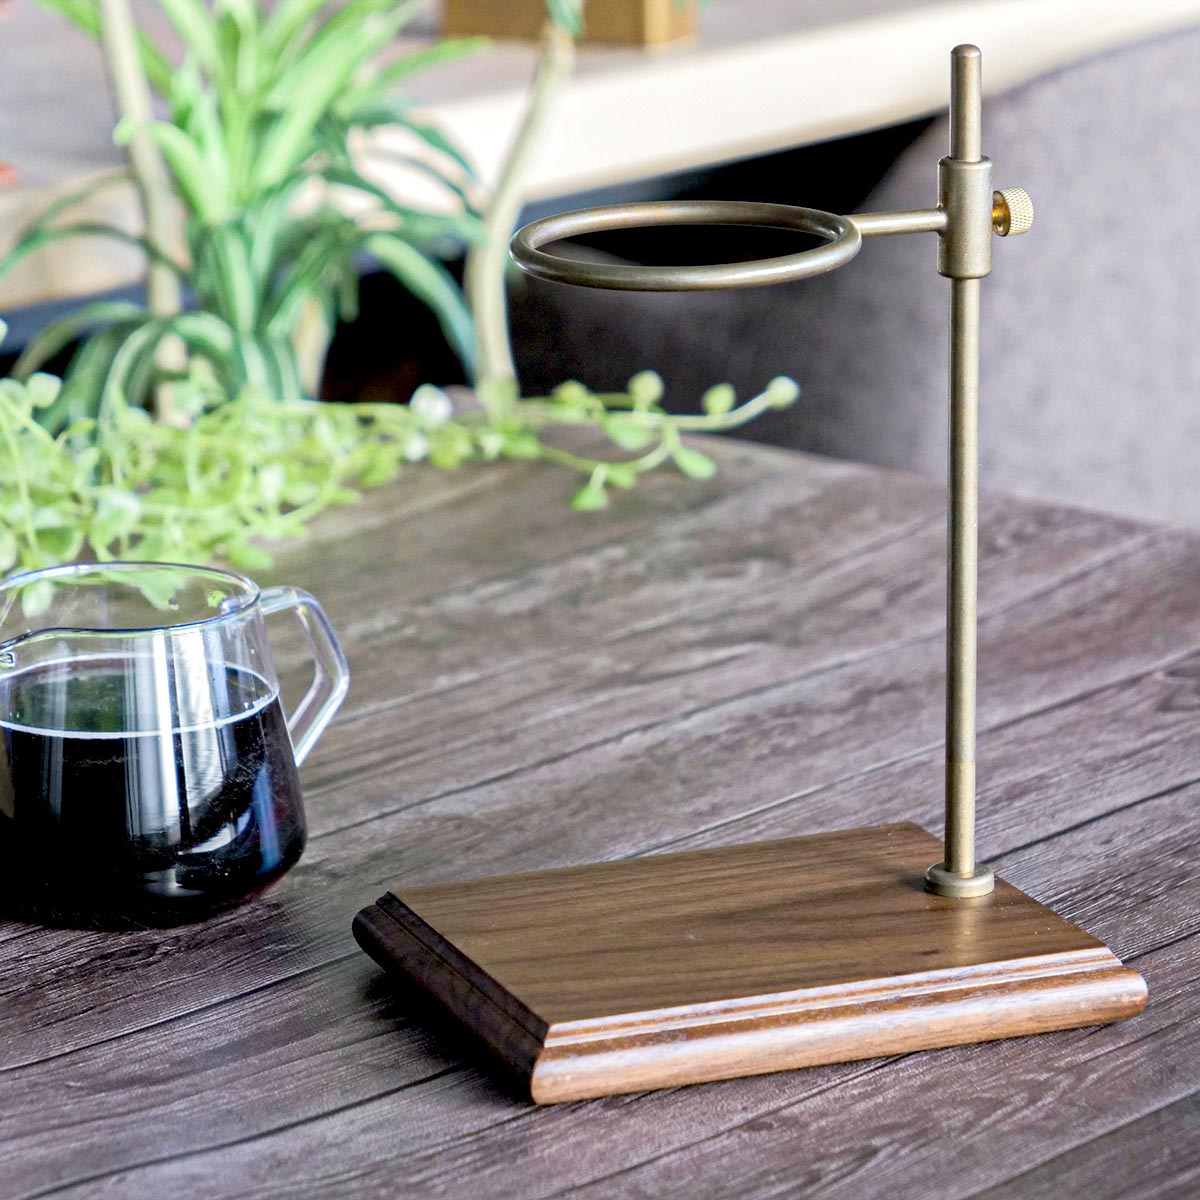 コーヒーメーカー SLOW COFFEE STYLE Specialty ブリューワースタンドセット 4cups ( 送料無料 コーヒードリッパー ガラス製 ブリュワー 食洗機対応 4cup 4カップ用 コーヒーウェア )